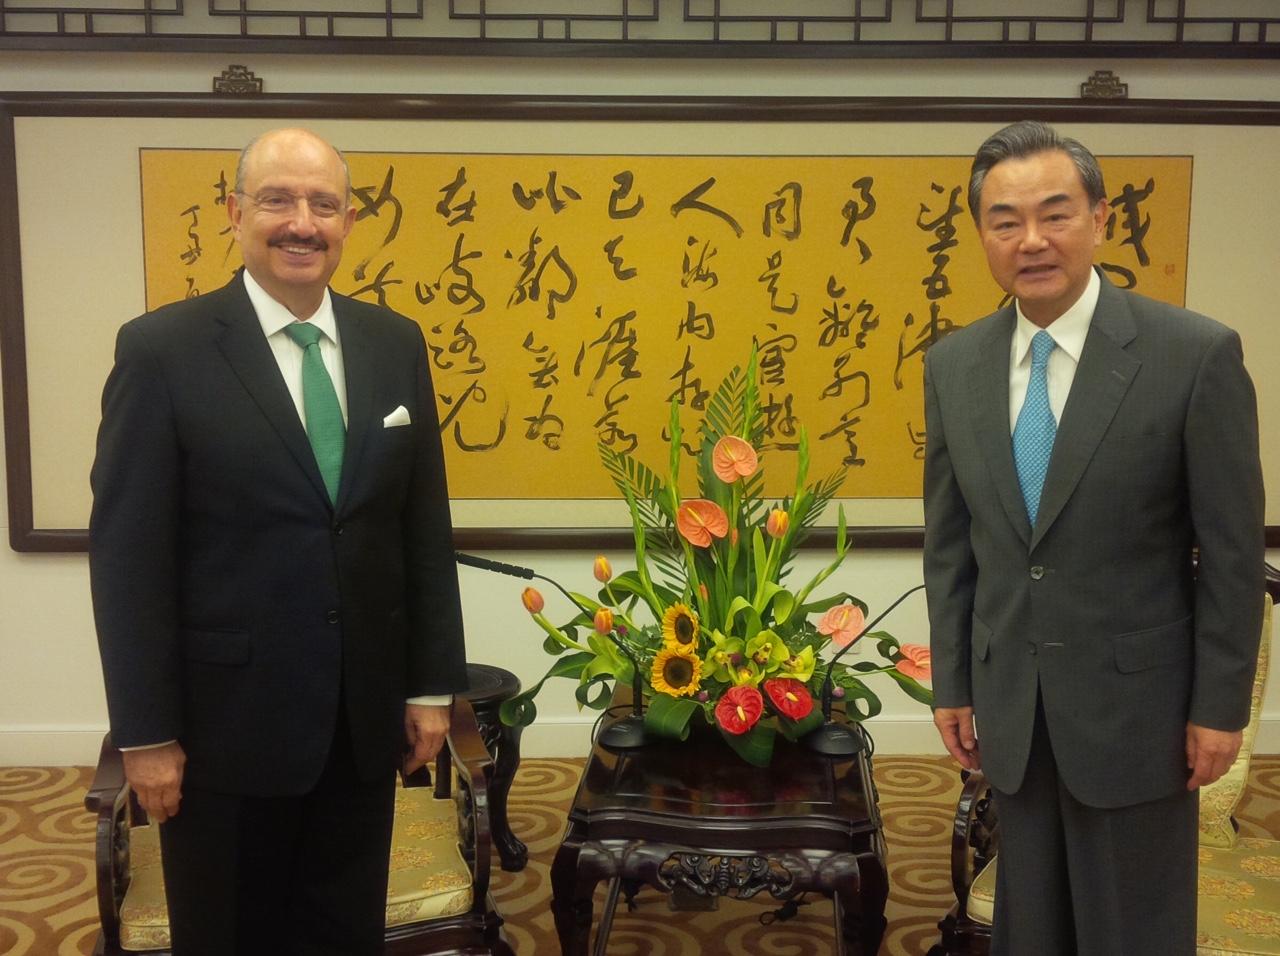 FOTO 1 Embajador Carlos de Icaza con el ministro de Relaciones Exteriores de China  Wang Yi.jpg